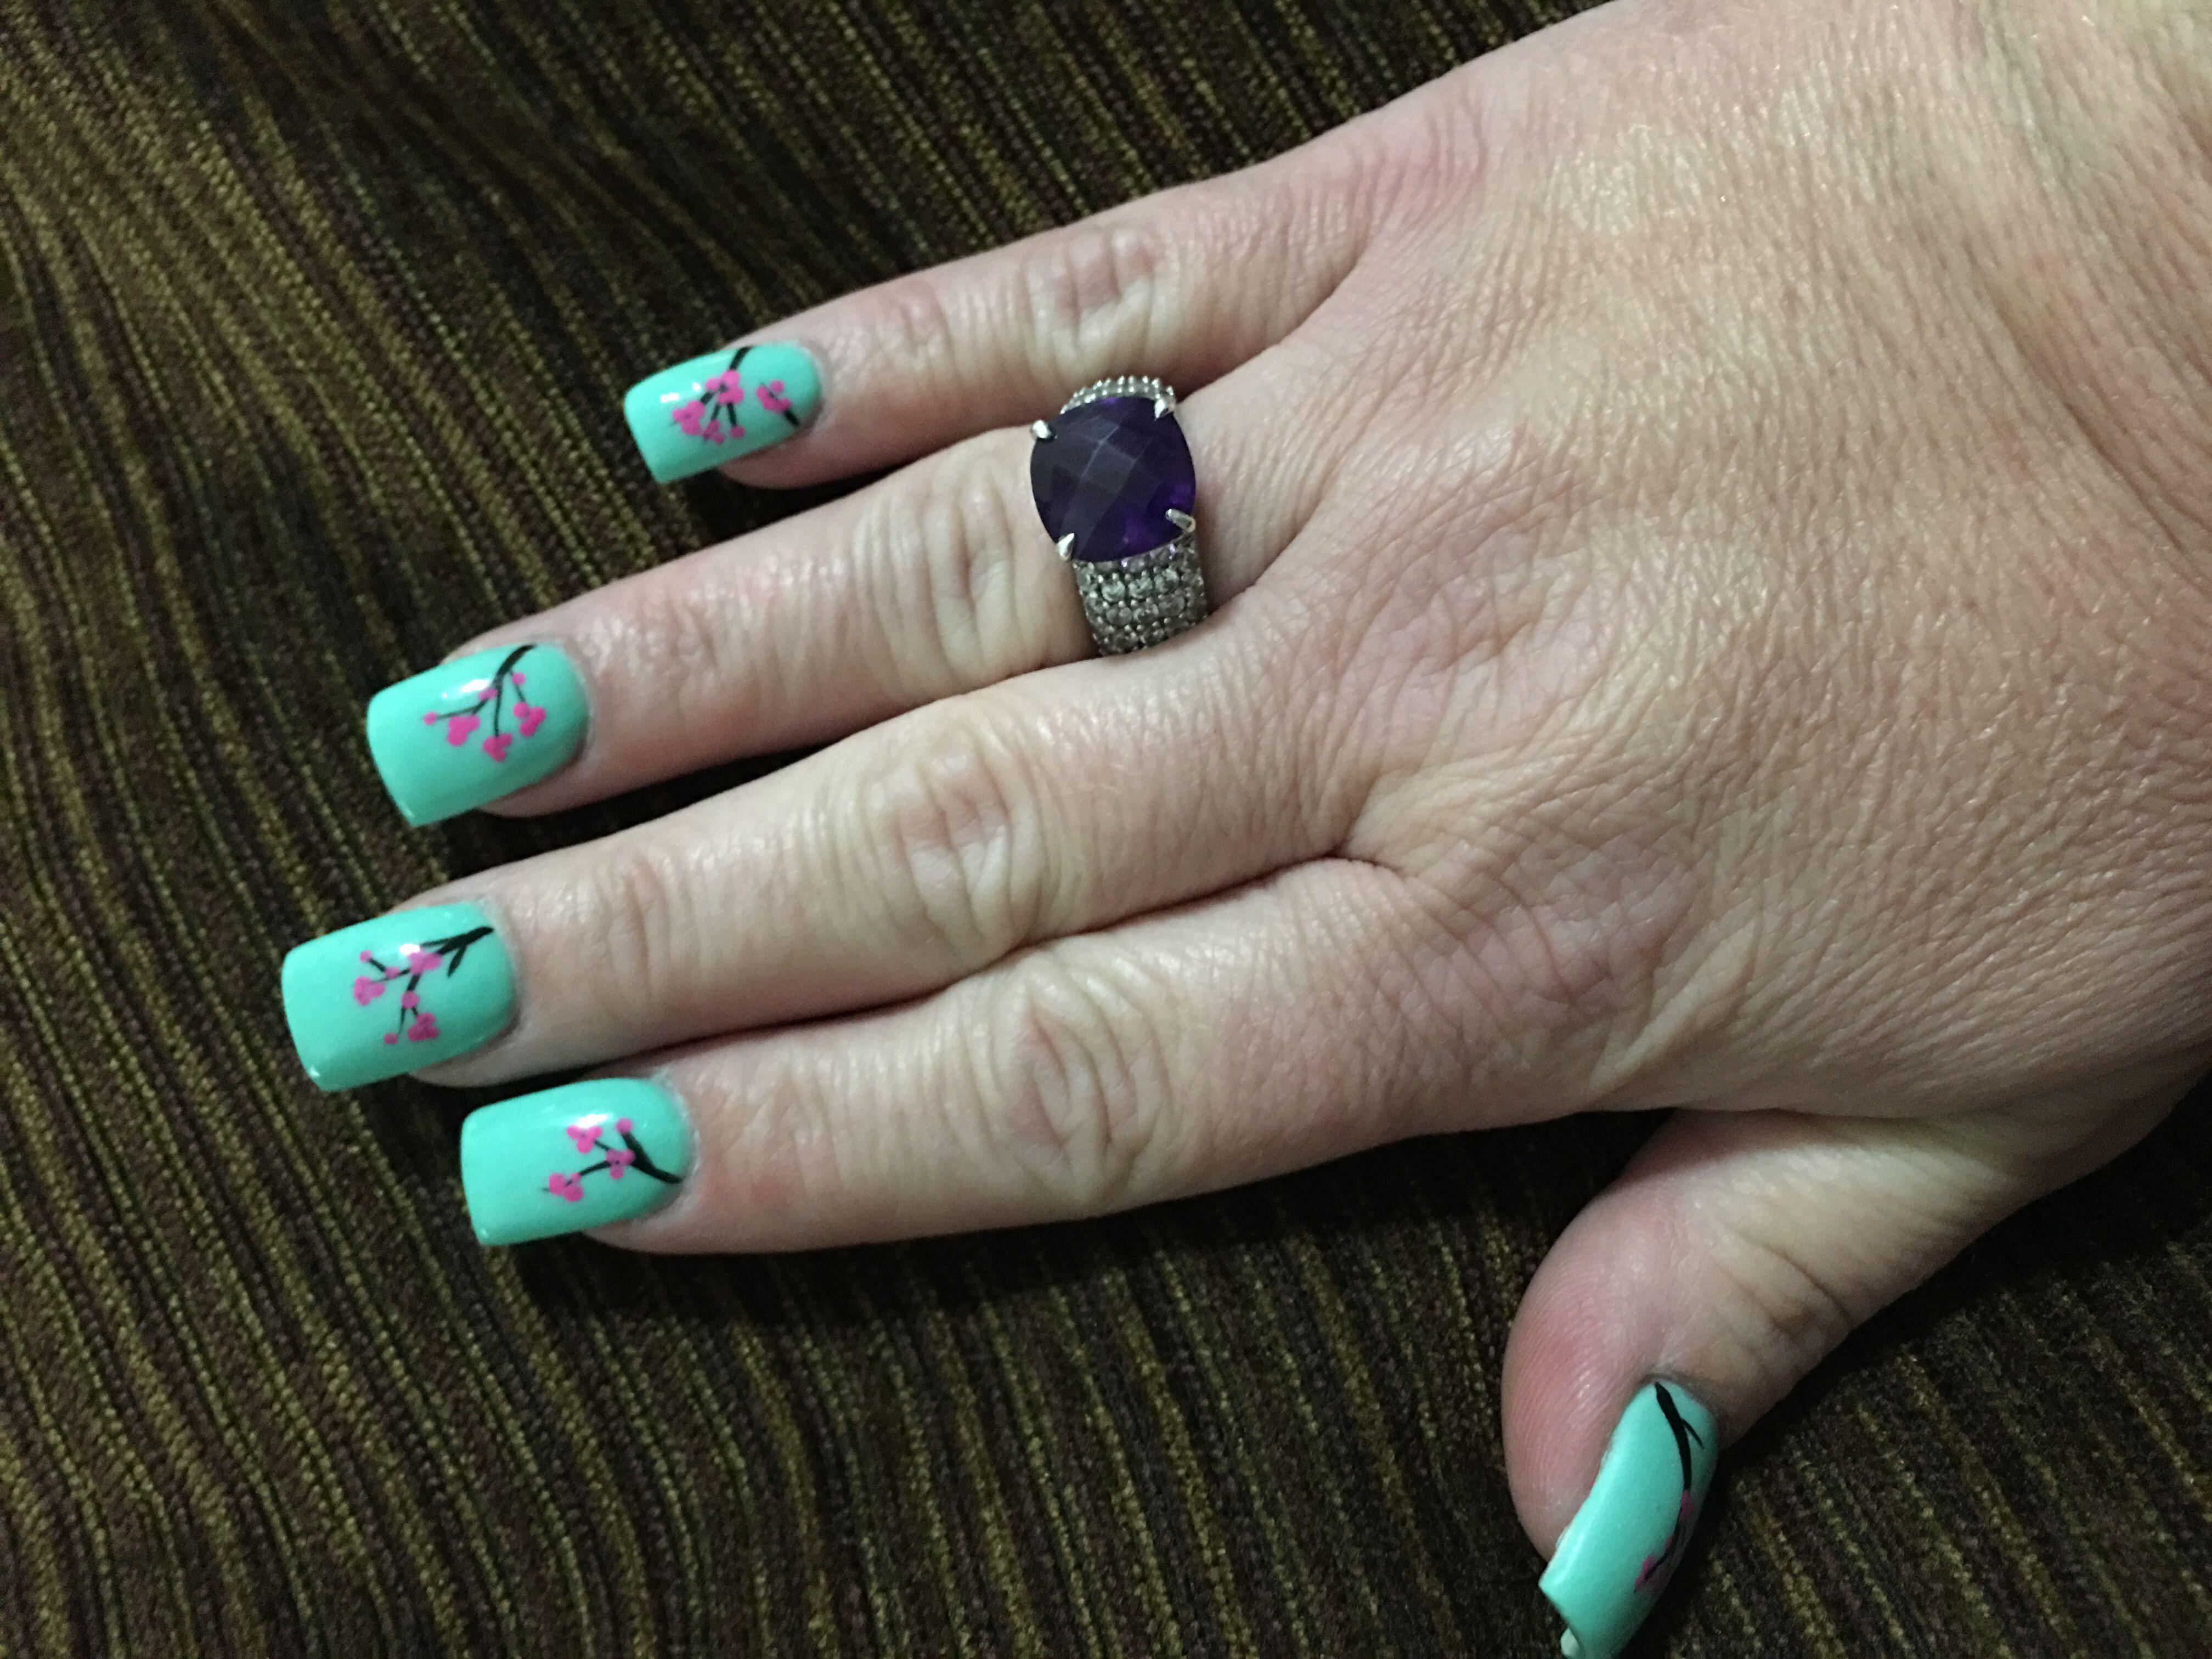 Cherry Blossom nails by Khang at New Georgia Nails in Dallas, GA ...